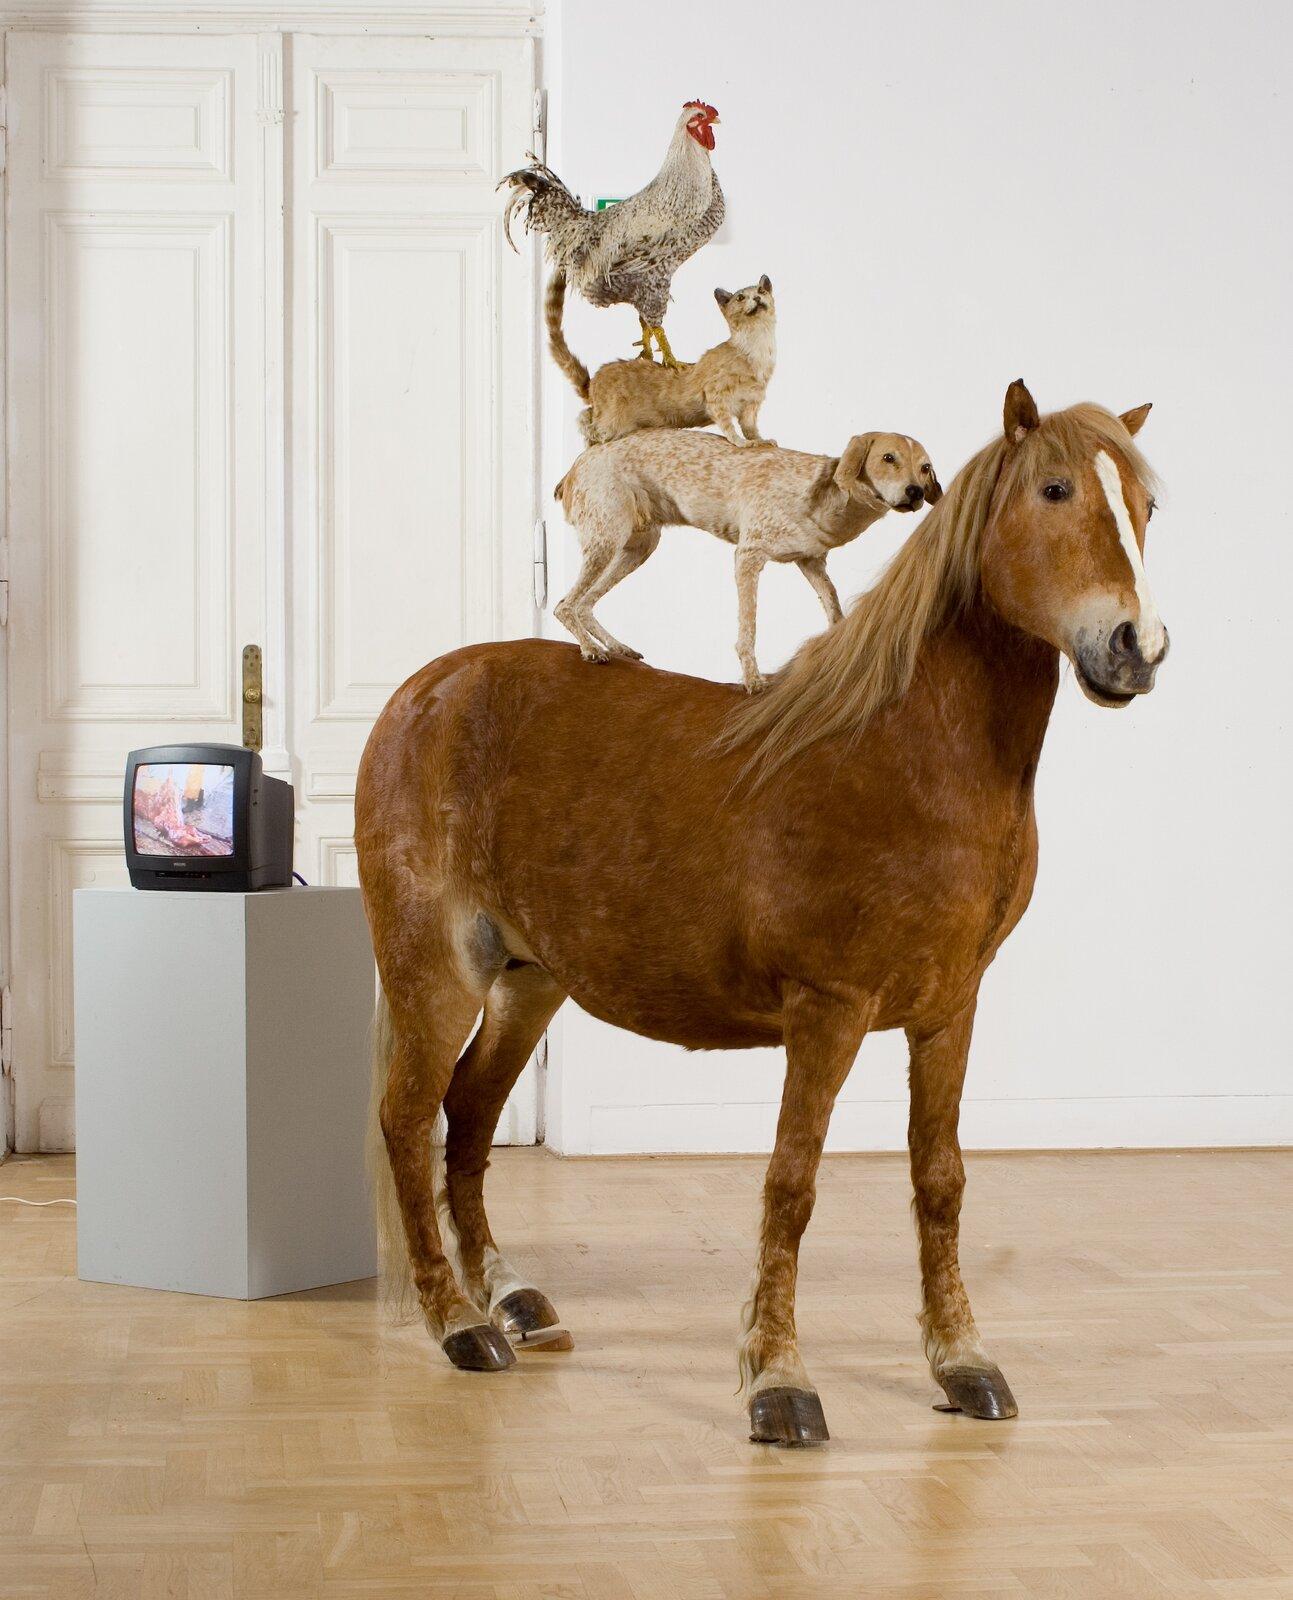 Piramida zwierząt Źródło: Katarzyna Kozyra, Piramida zwierząt, 1993, rzeźba-instalacja: 4 wypreparowane zwierzęta – koń, pies, kot, kogut, Zachęta – Narodowa Galeria Sztuki, Warszawa, licencja: CC BY-SA 3.0.